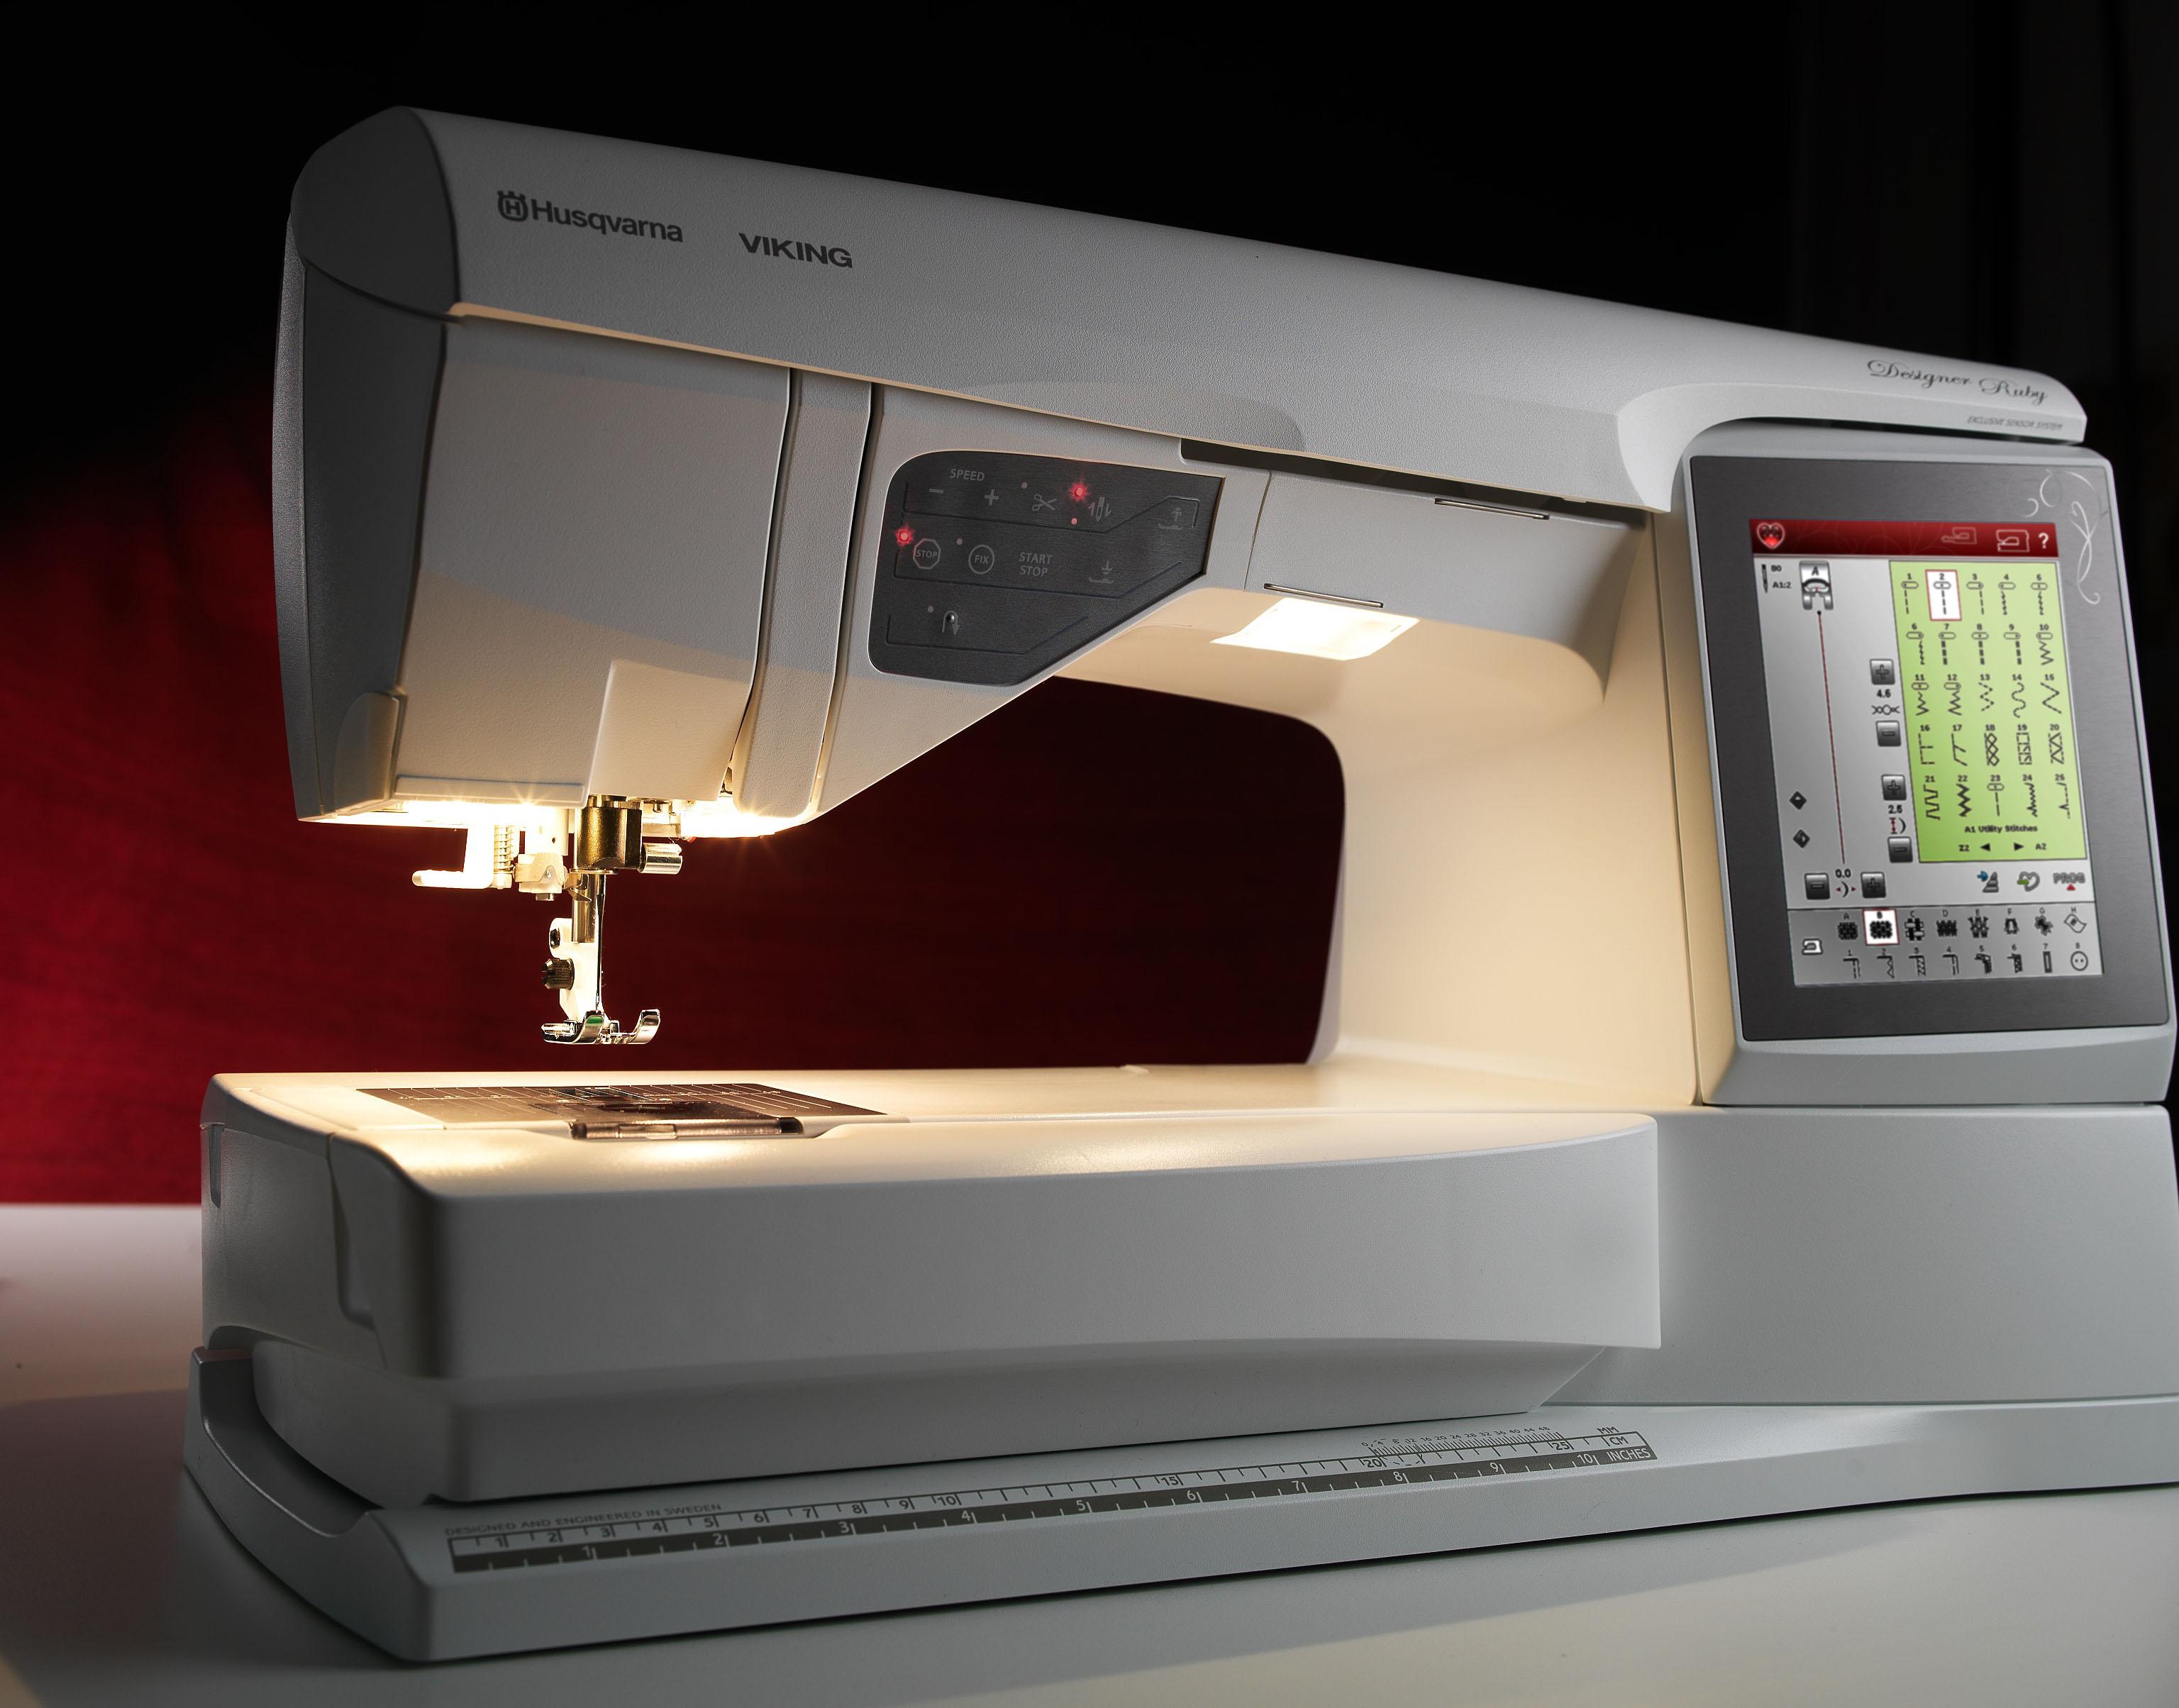 Husqvarna DESIGNER RUBYHusqvarna<br>Швейно-вышивальные модели HUSQVARNA VIKING® DESIGNER RUBY™, разработанные в Швеции, имеют богатый набор функций, позволяющий реализовать все Ваши желания! Прикосновение к яркому сенсорному дисплею вызывает настоящий восторг. Самое время создать потрясающи...<br>